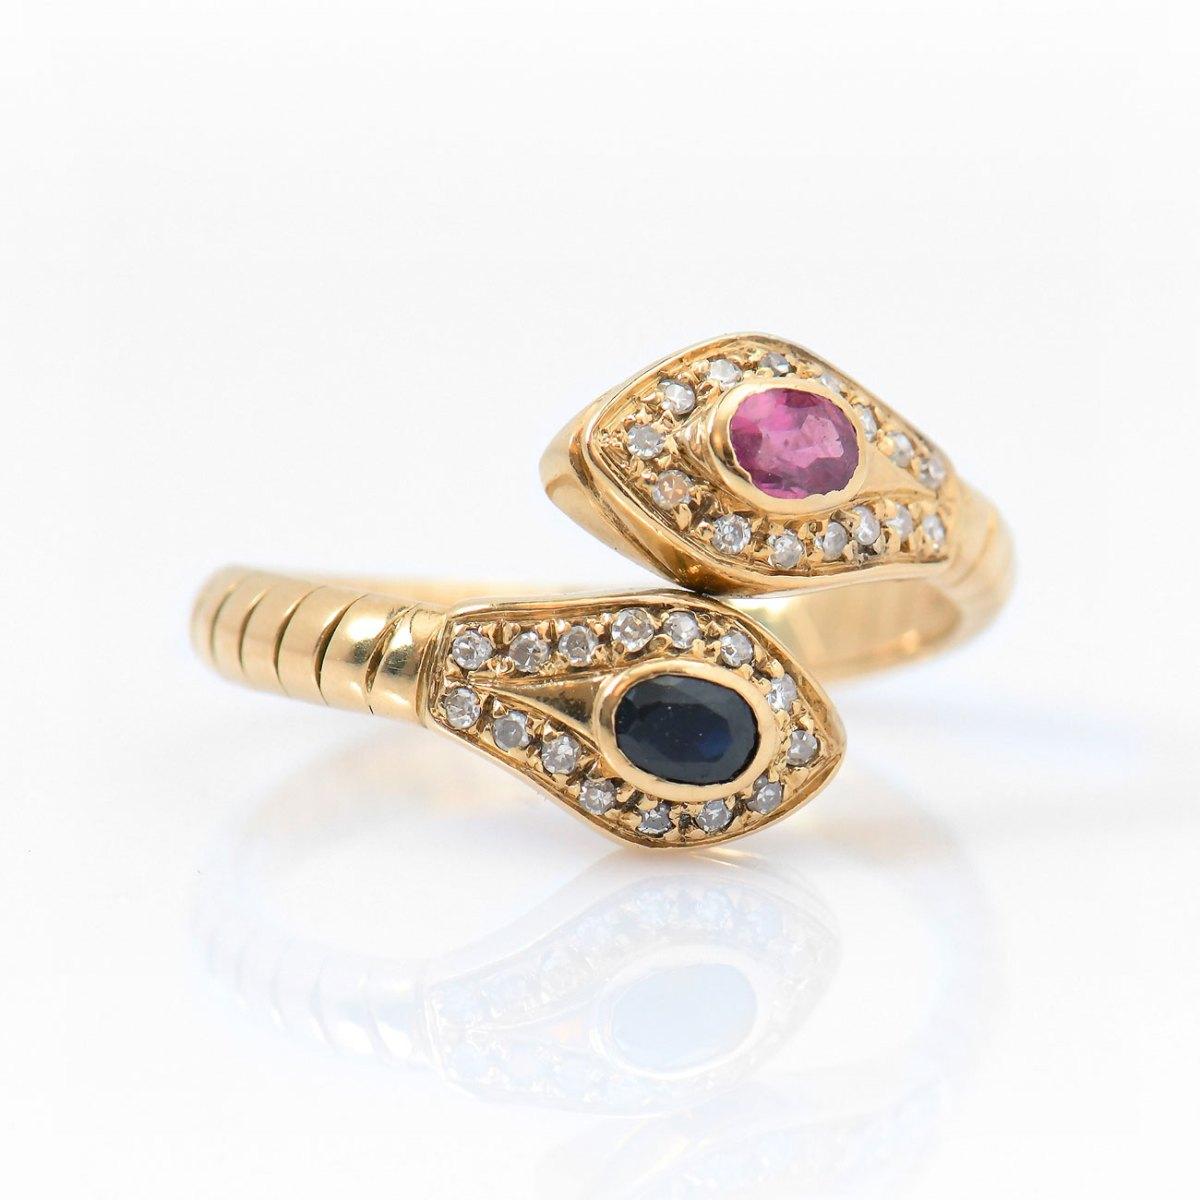 Bague Serpent saphir bleu et tourmaline rose, entourage diamants, or jaune 750‰, Taille 57/59 | Réf. BA-EVENOR Joaillerie • Bijoux Vintage